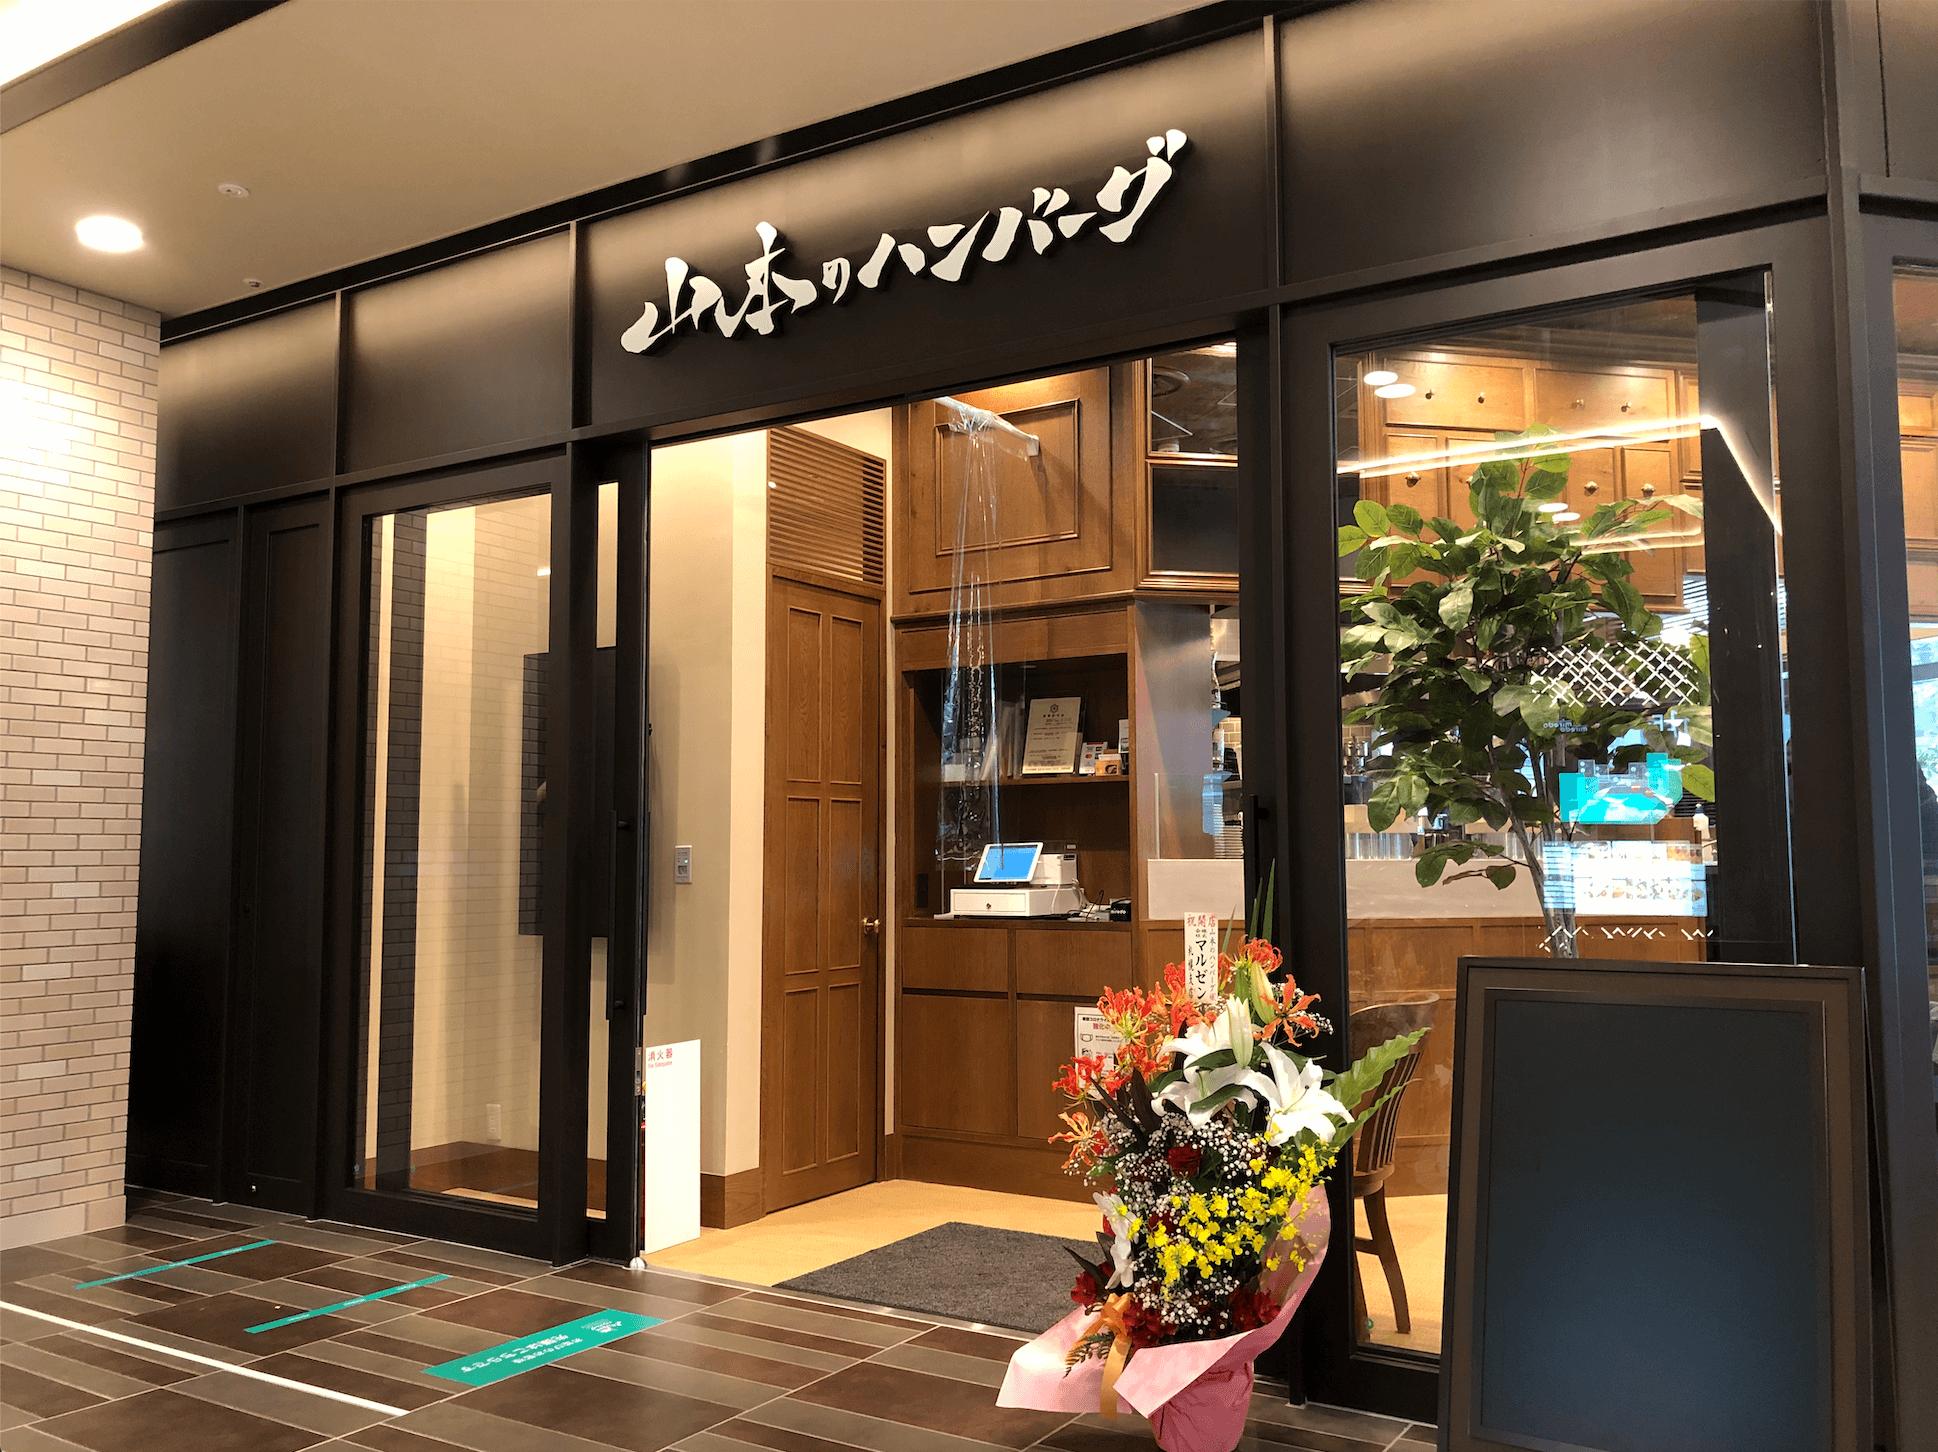 山本のハンバーグ 札幌店の外観